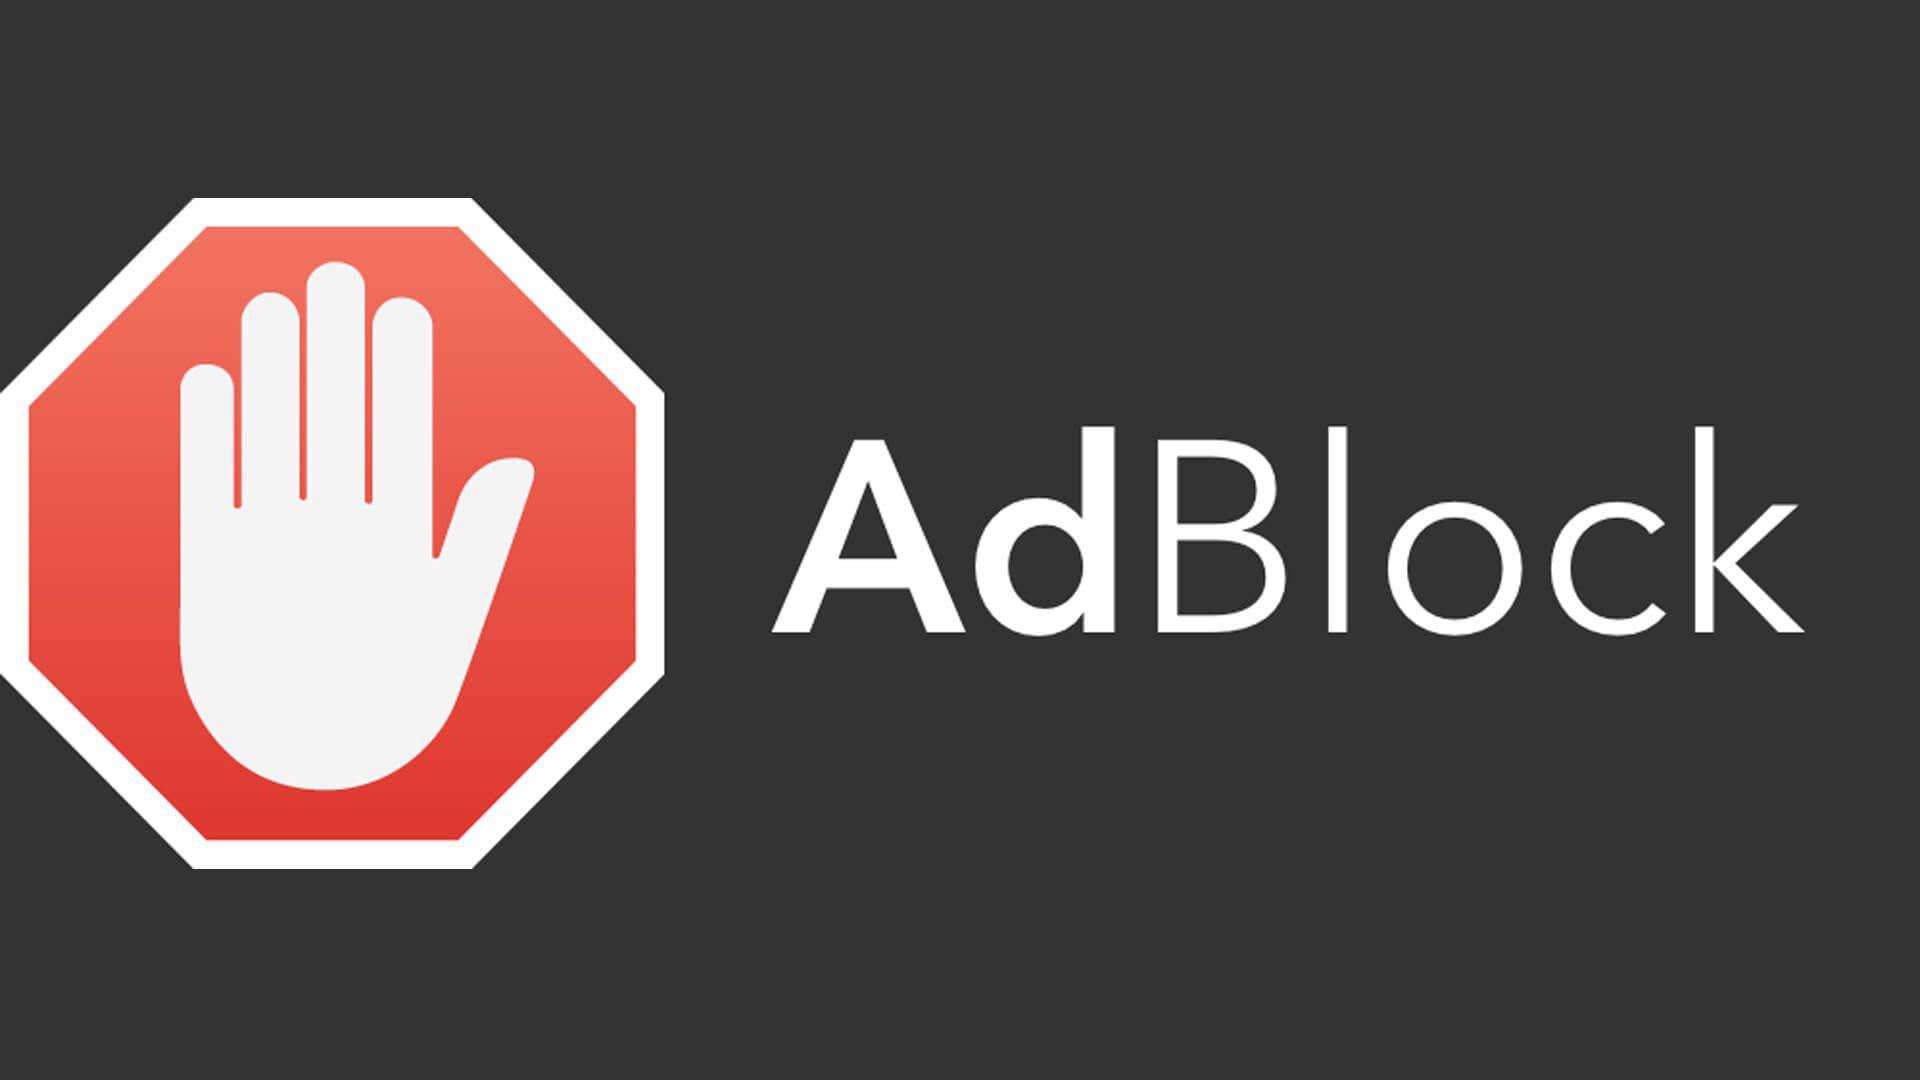 شرح منع الاعلانات في الأندرويد و ازالتها من كل التطبيقات